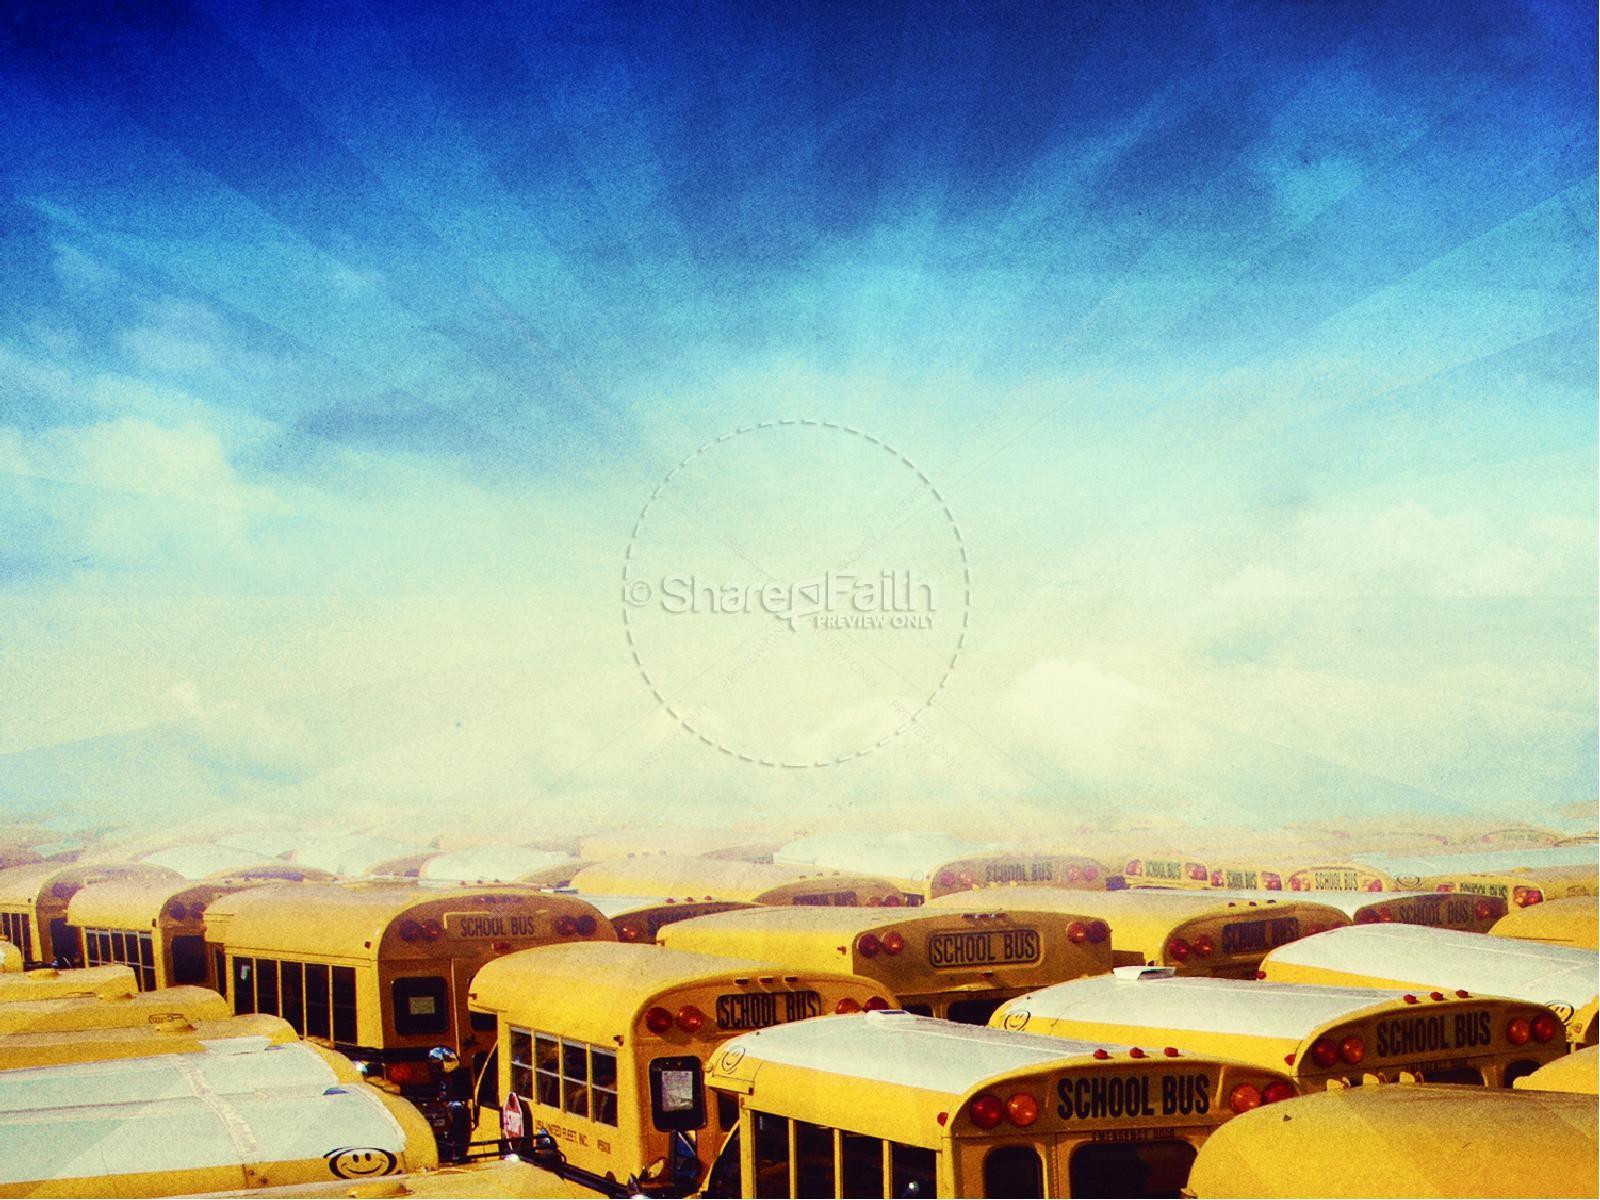 School Buses Top Back to School Graphics PowerPoints | slide 5